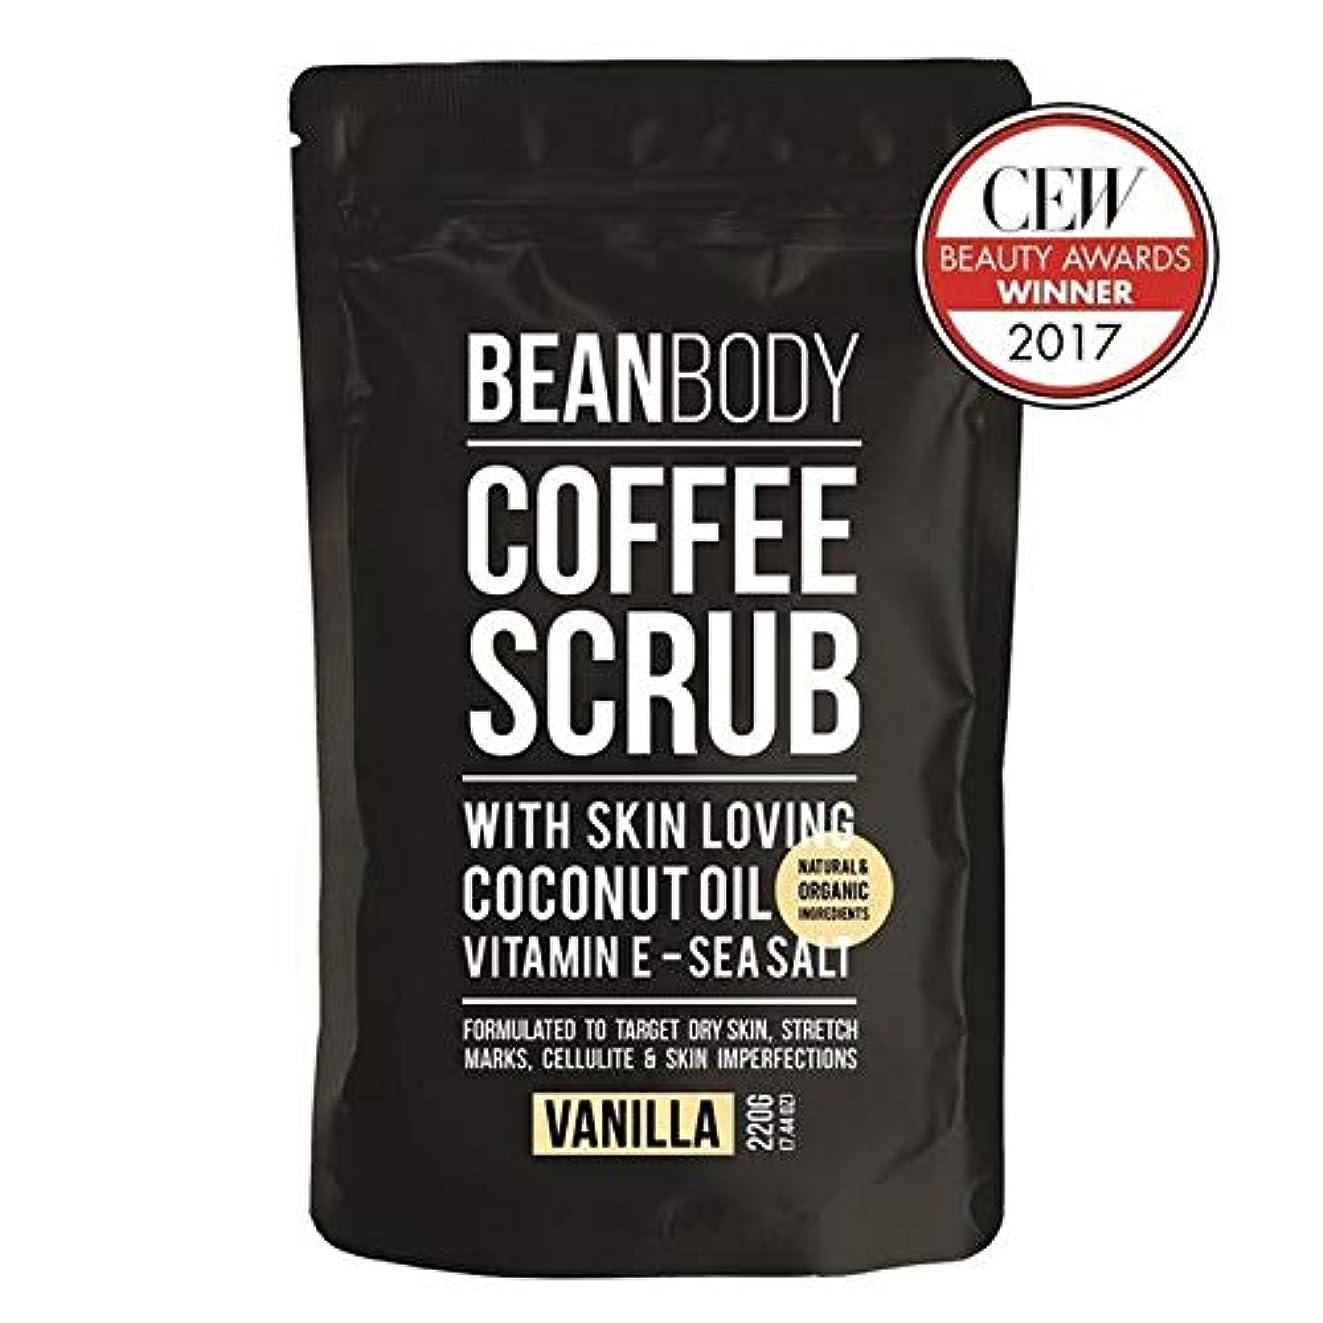 フェローシップ若いギャロップ[Bean Body ] 豆のボディスクラブコーヒー、バニラ220グラム - Bean Body Coffee Scrub, Vanilla 220g [並行輸入品]